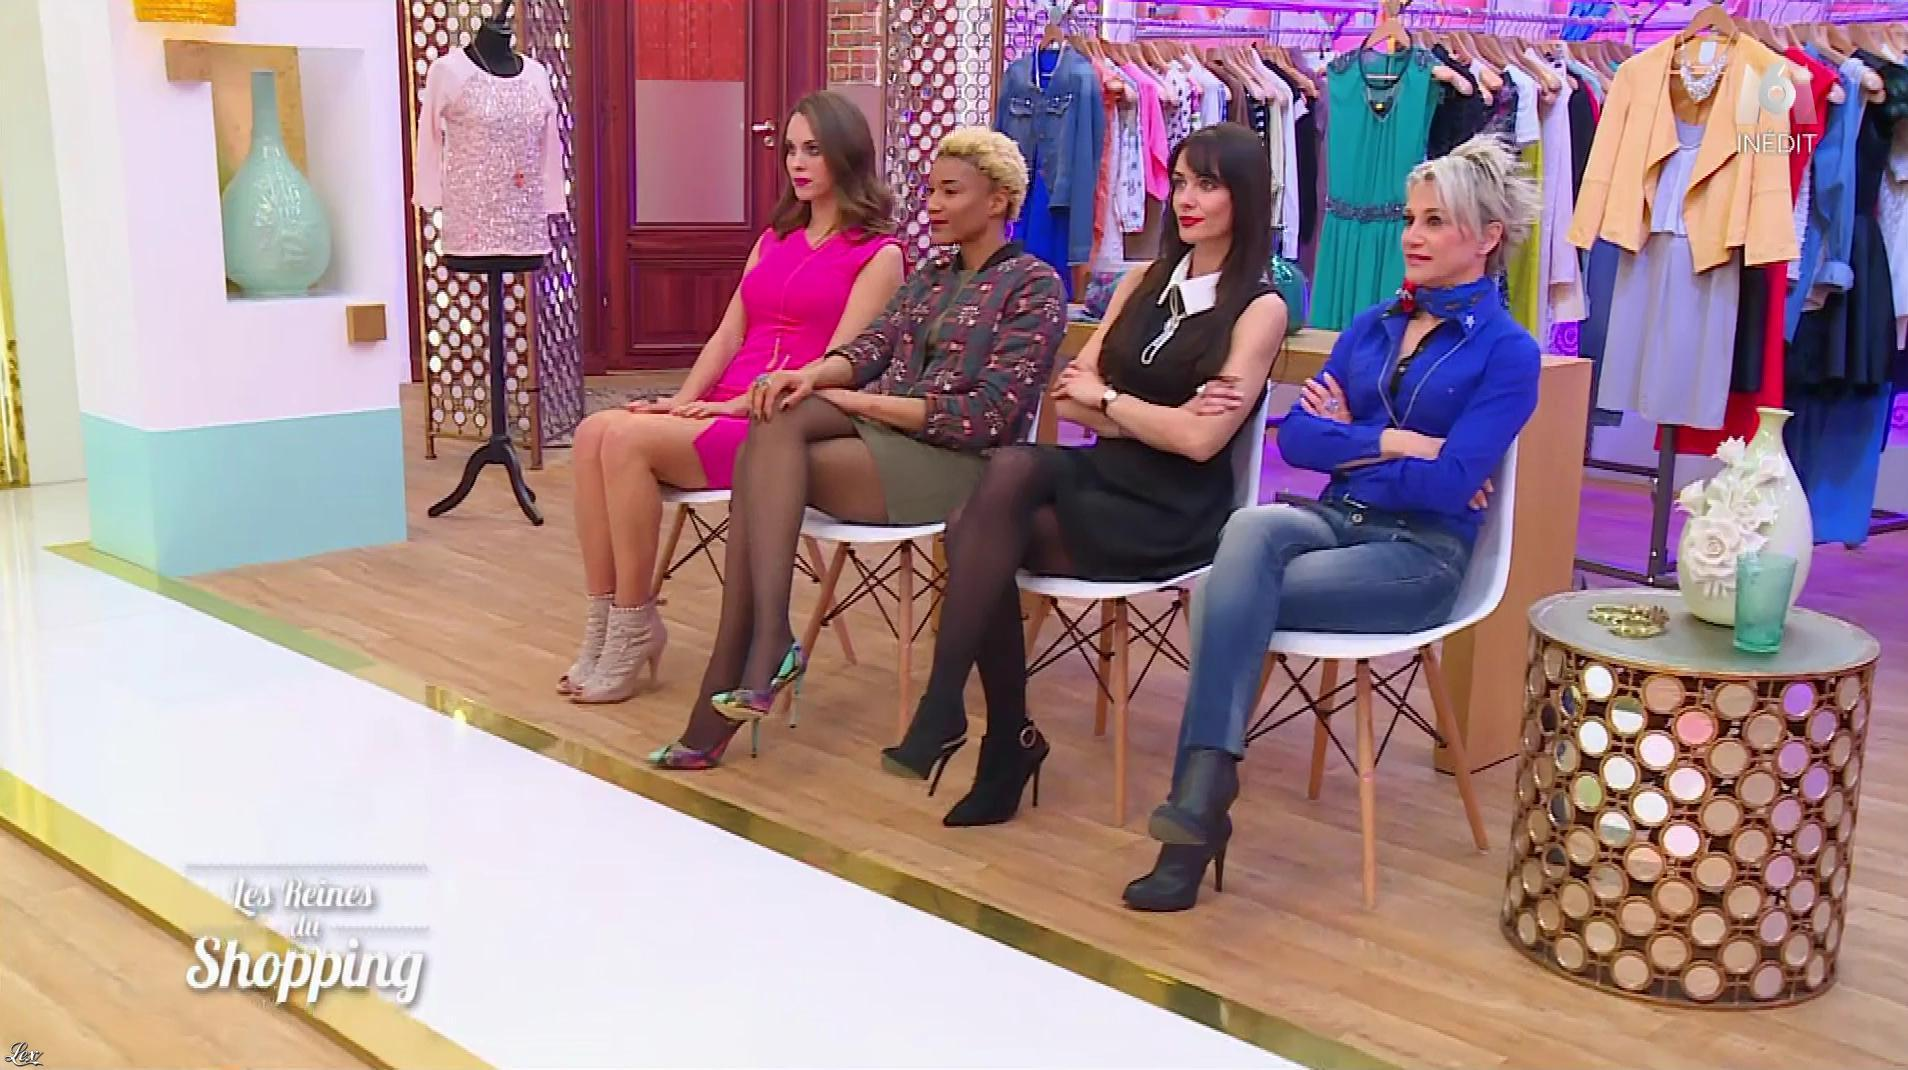 Une Candidate dans les Reines du Shopping. Diffusé à la télévision le 01/11/16.